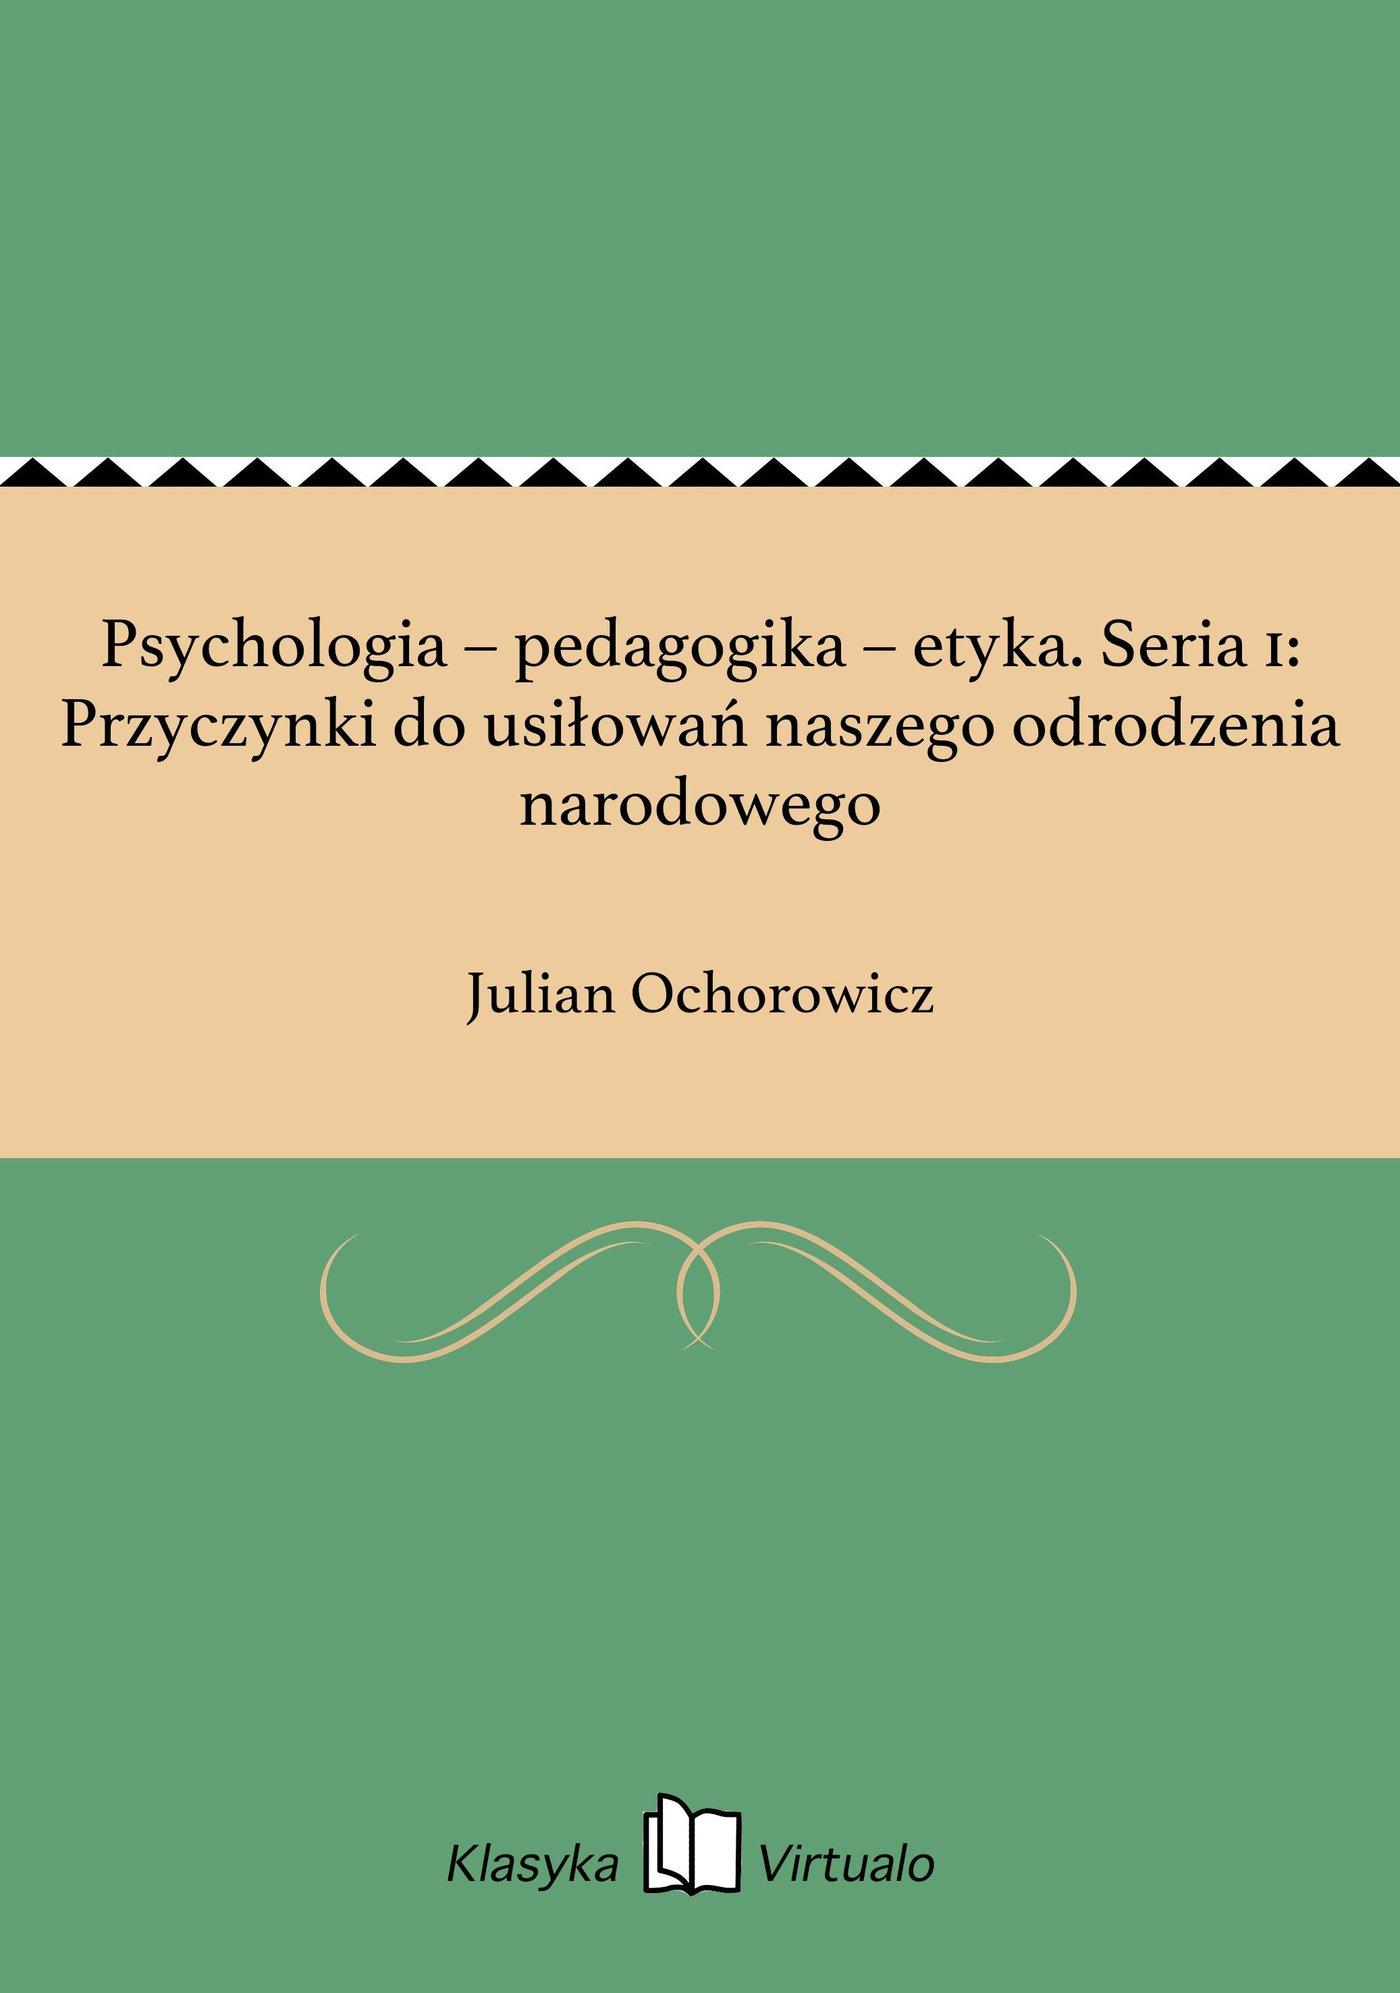 Psychologia – pedagogika – etyka. Seria 1: Przyczynki do usiłowań naszego odrodzenia narodowego - Ebook (Książka na Kindle) do pobrania w formacie MOBI